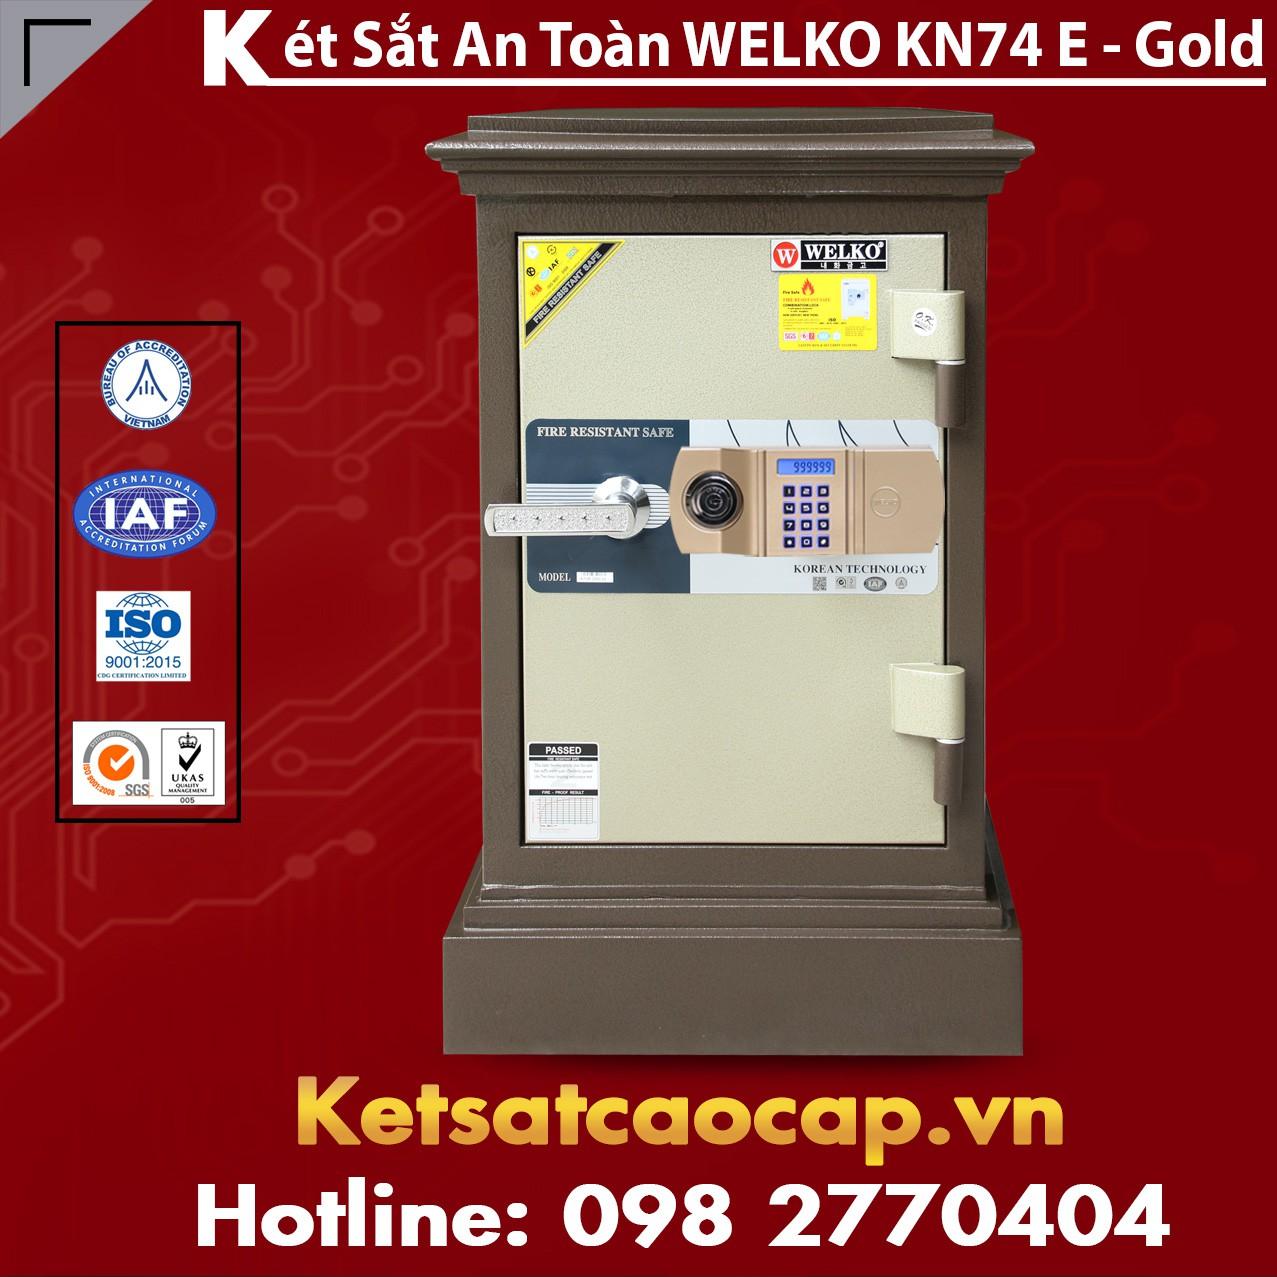 Két Sắt Công Ty Văn Phòng WELKO KN74 Brown - E Gold